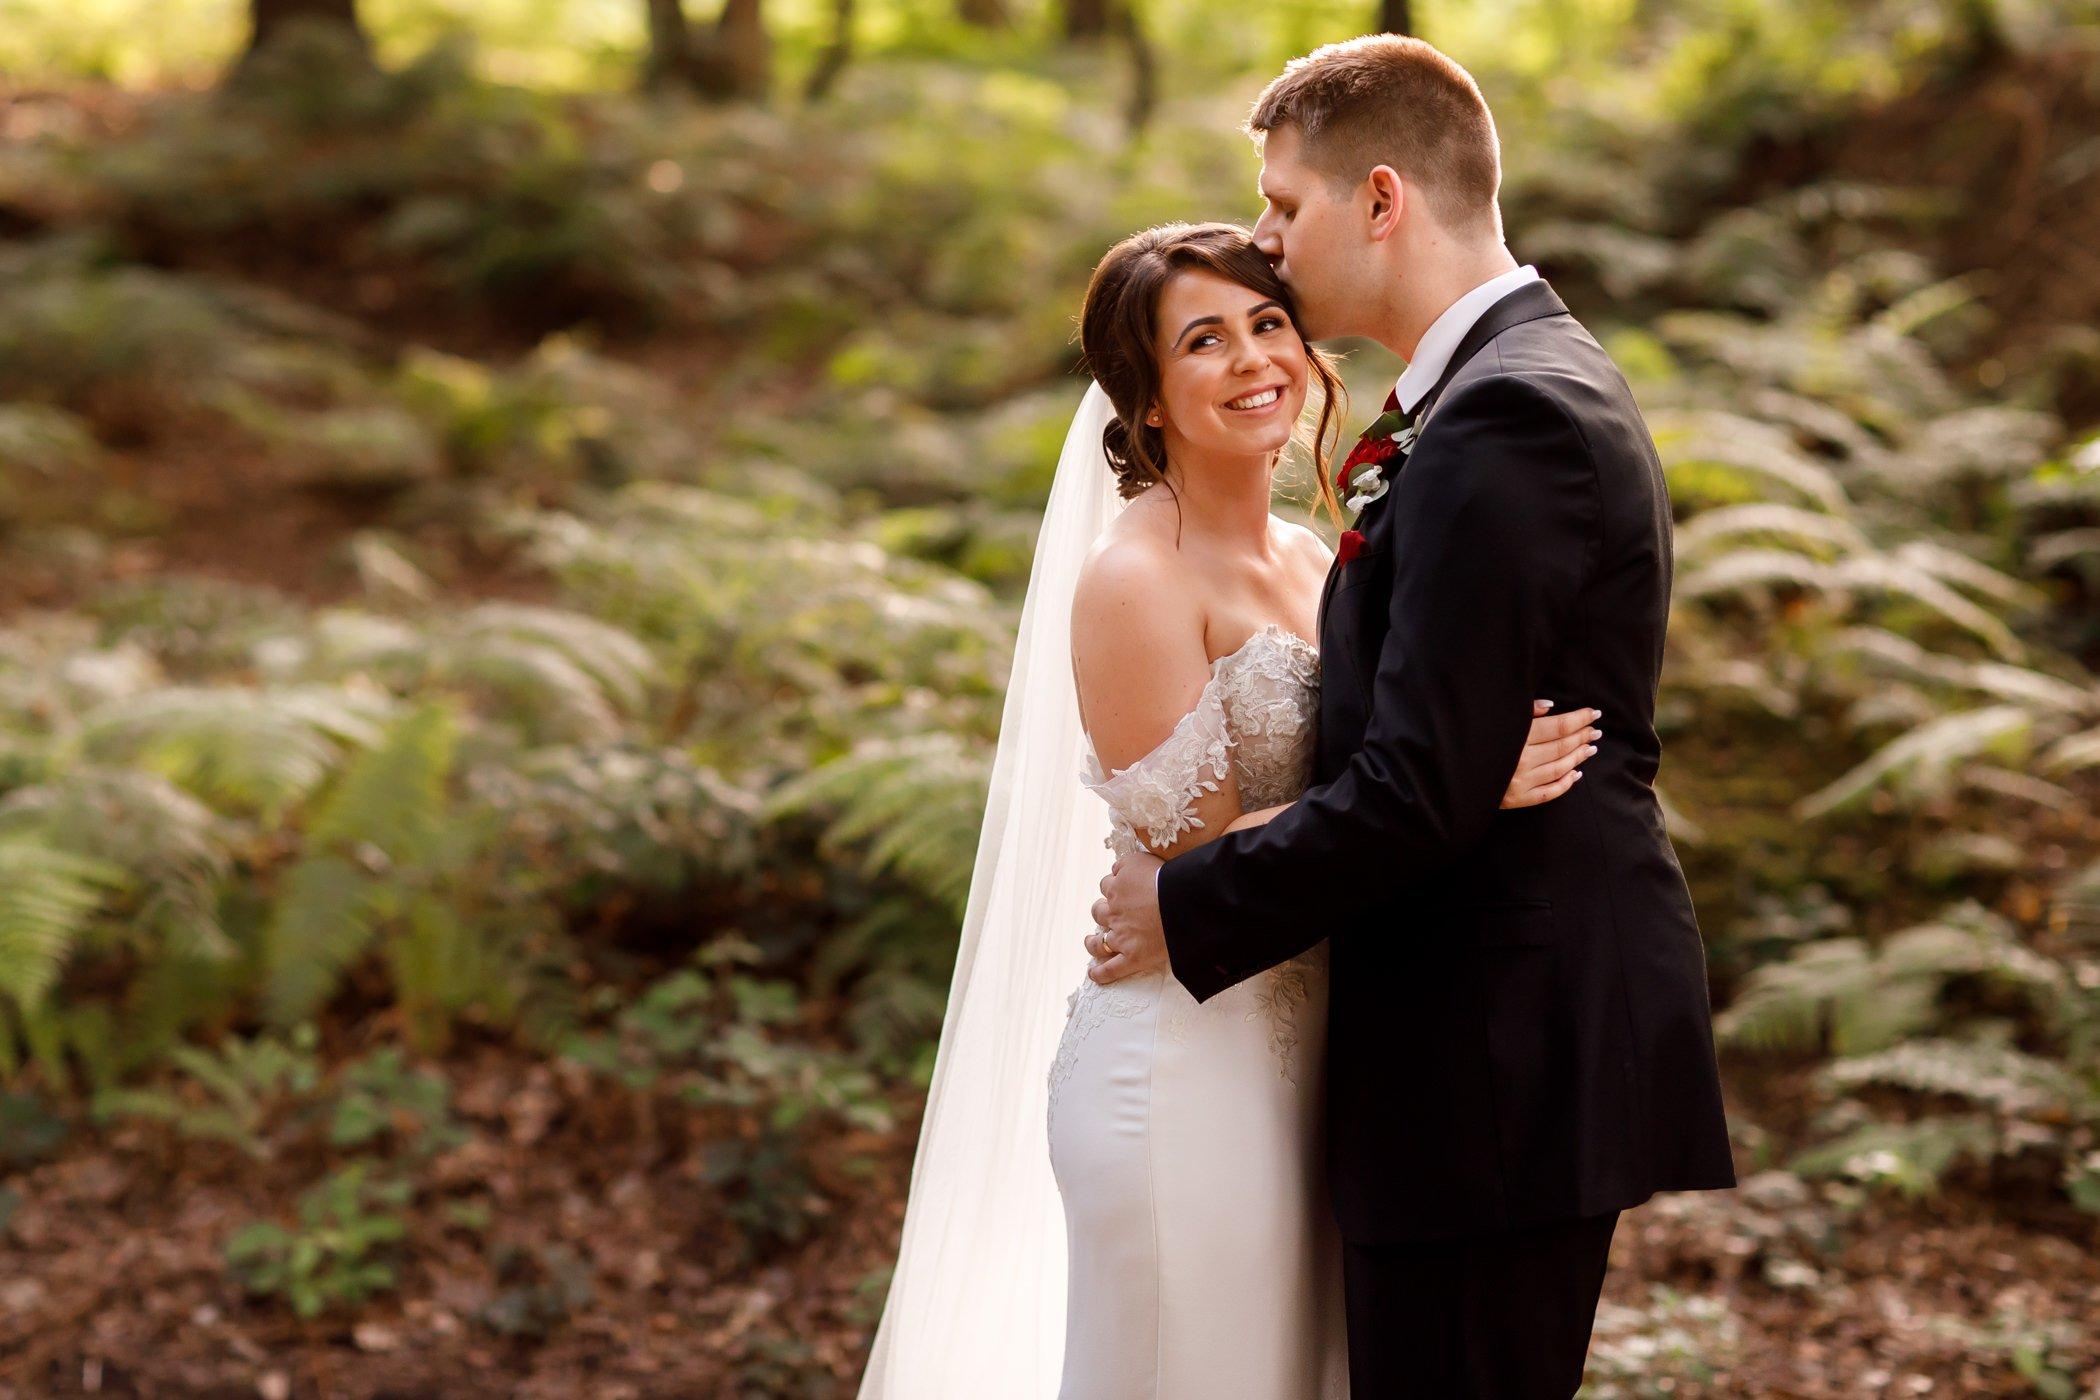 wedding photo Peckforton Castle gardens